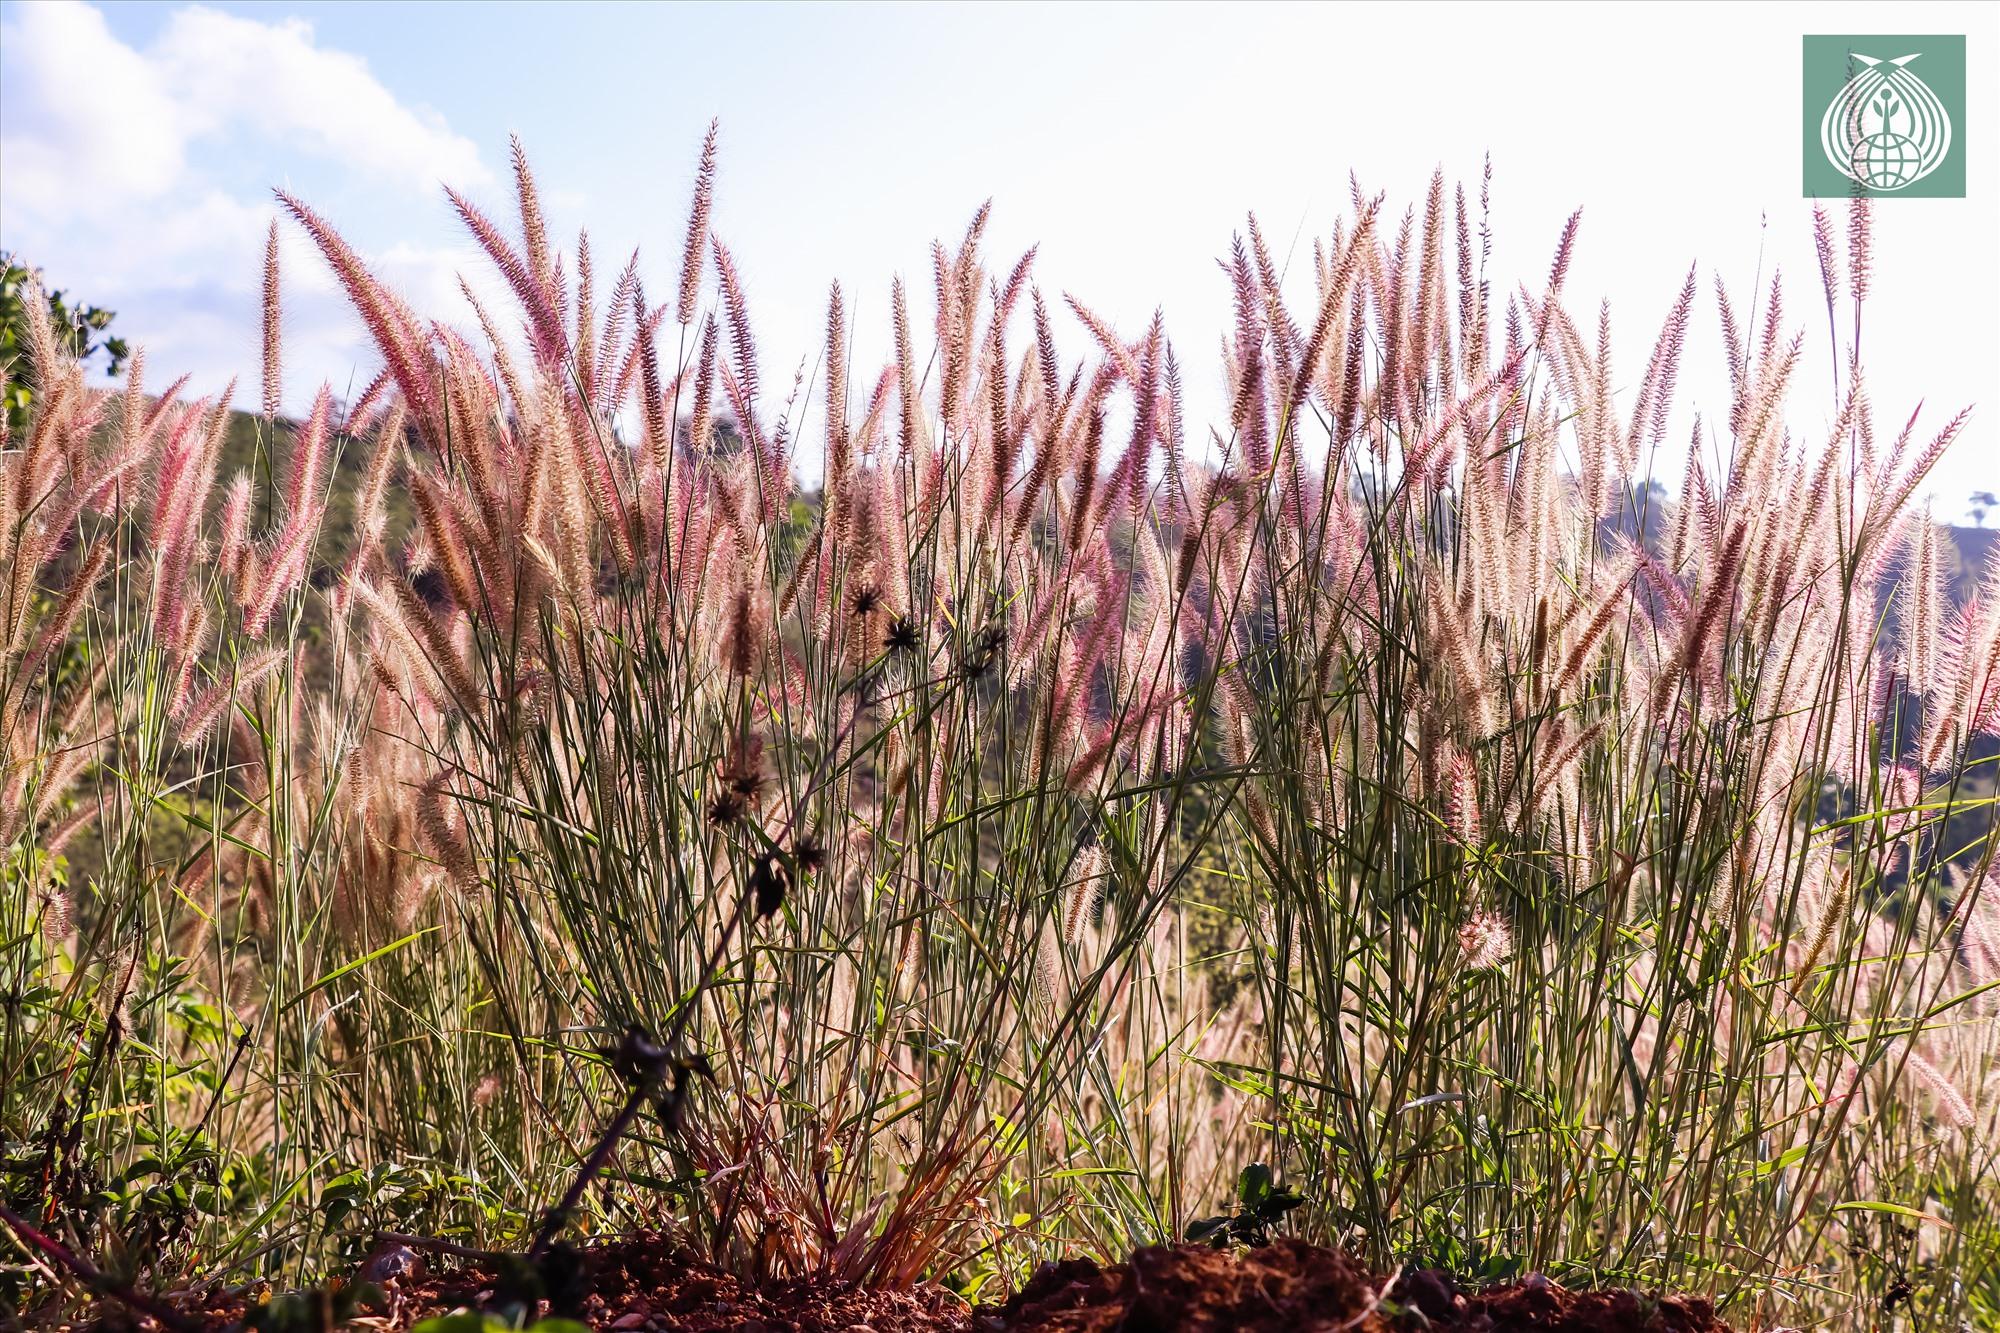 Cỏ lau tượng trưng cho vẻ đẹp hoang sơ, sức sống mãnh liệt của núi rừng. Với điều kiện thời tiết càng khắc nhiệt thì hoa cỏ lau hồng lại nở rộ càng đẹp.